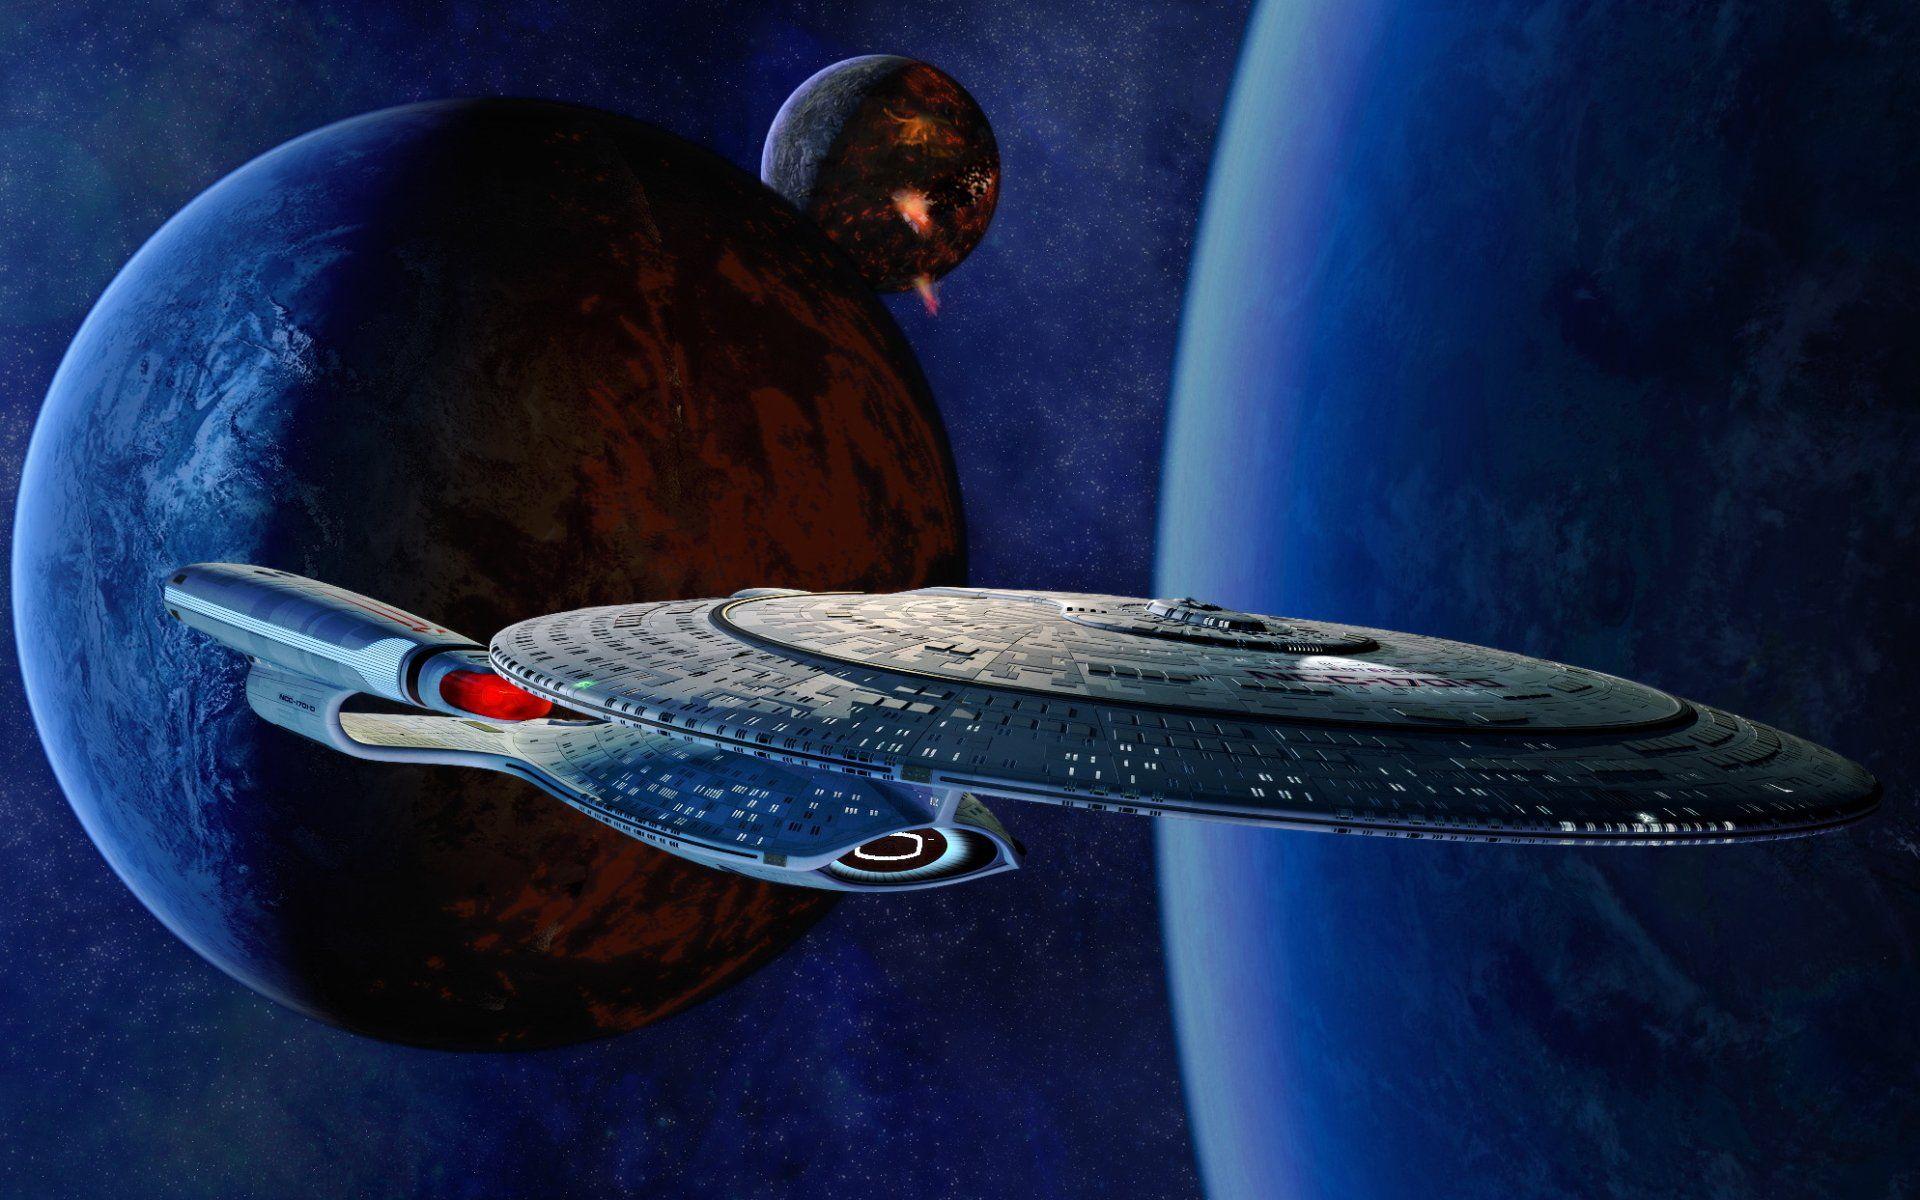 Programa De TV Star Trek: The Next Generation  Ficção Científica Filme Star Trek Enterprise (Star Trek) Ship Planet Stars Escuridão Espaço Papel de Parede